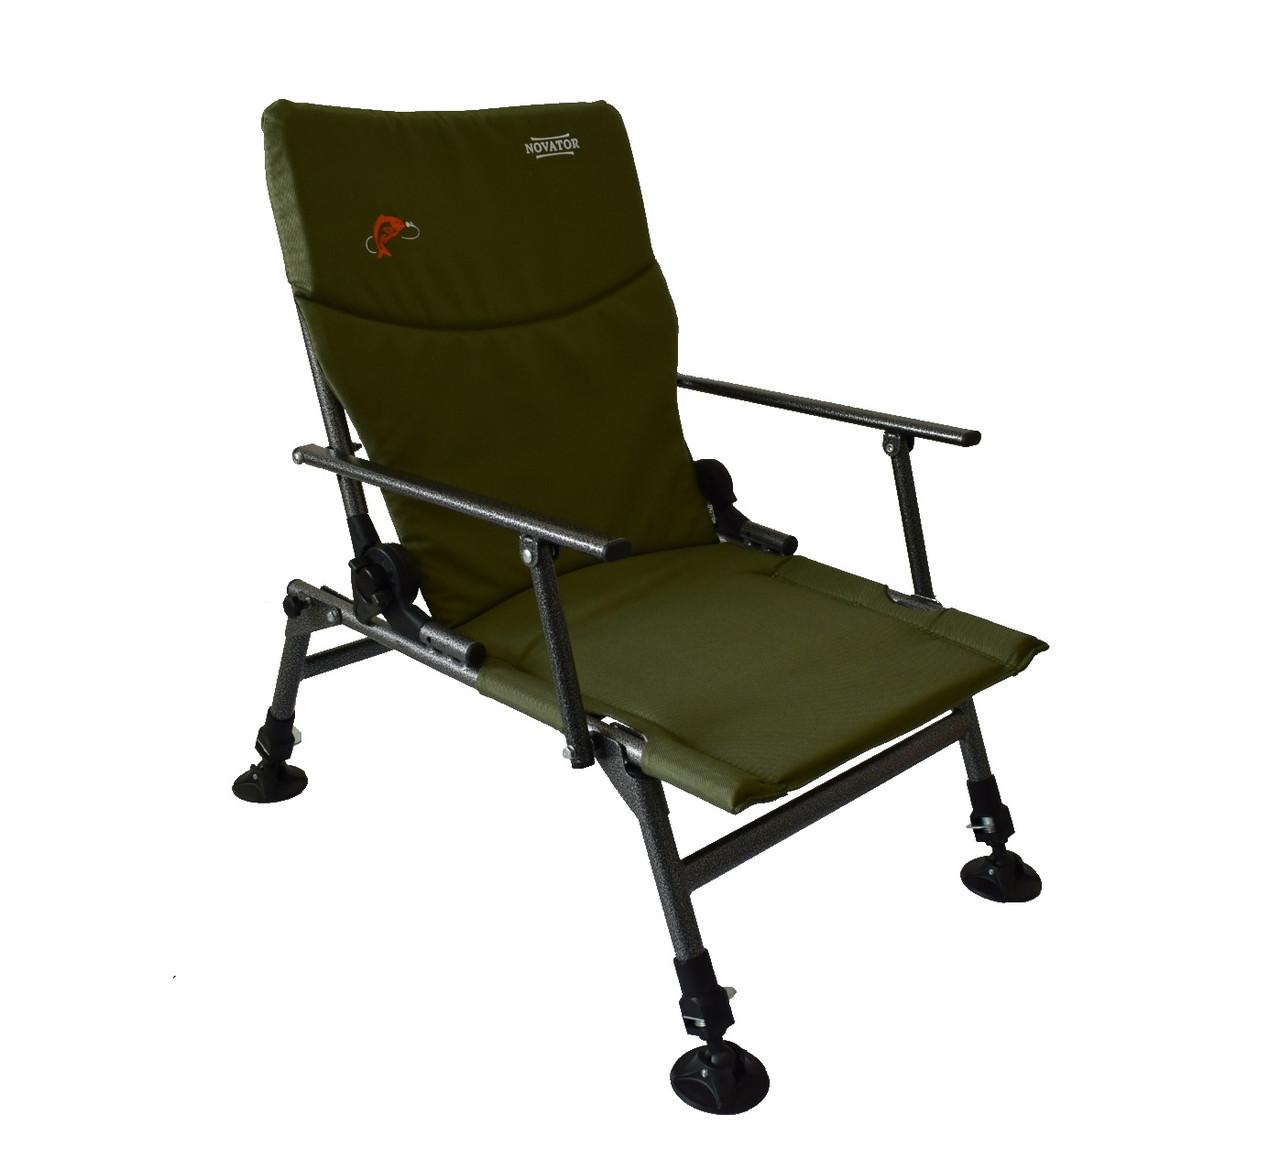 Крісло рибальське складне Novator SR-11 для пікніка риболовлі (Туристичне крісло)